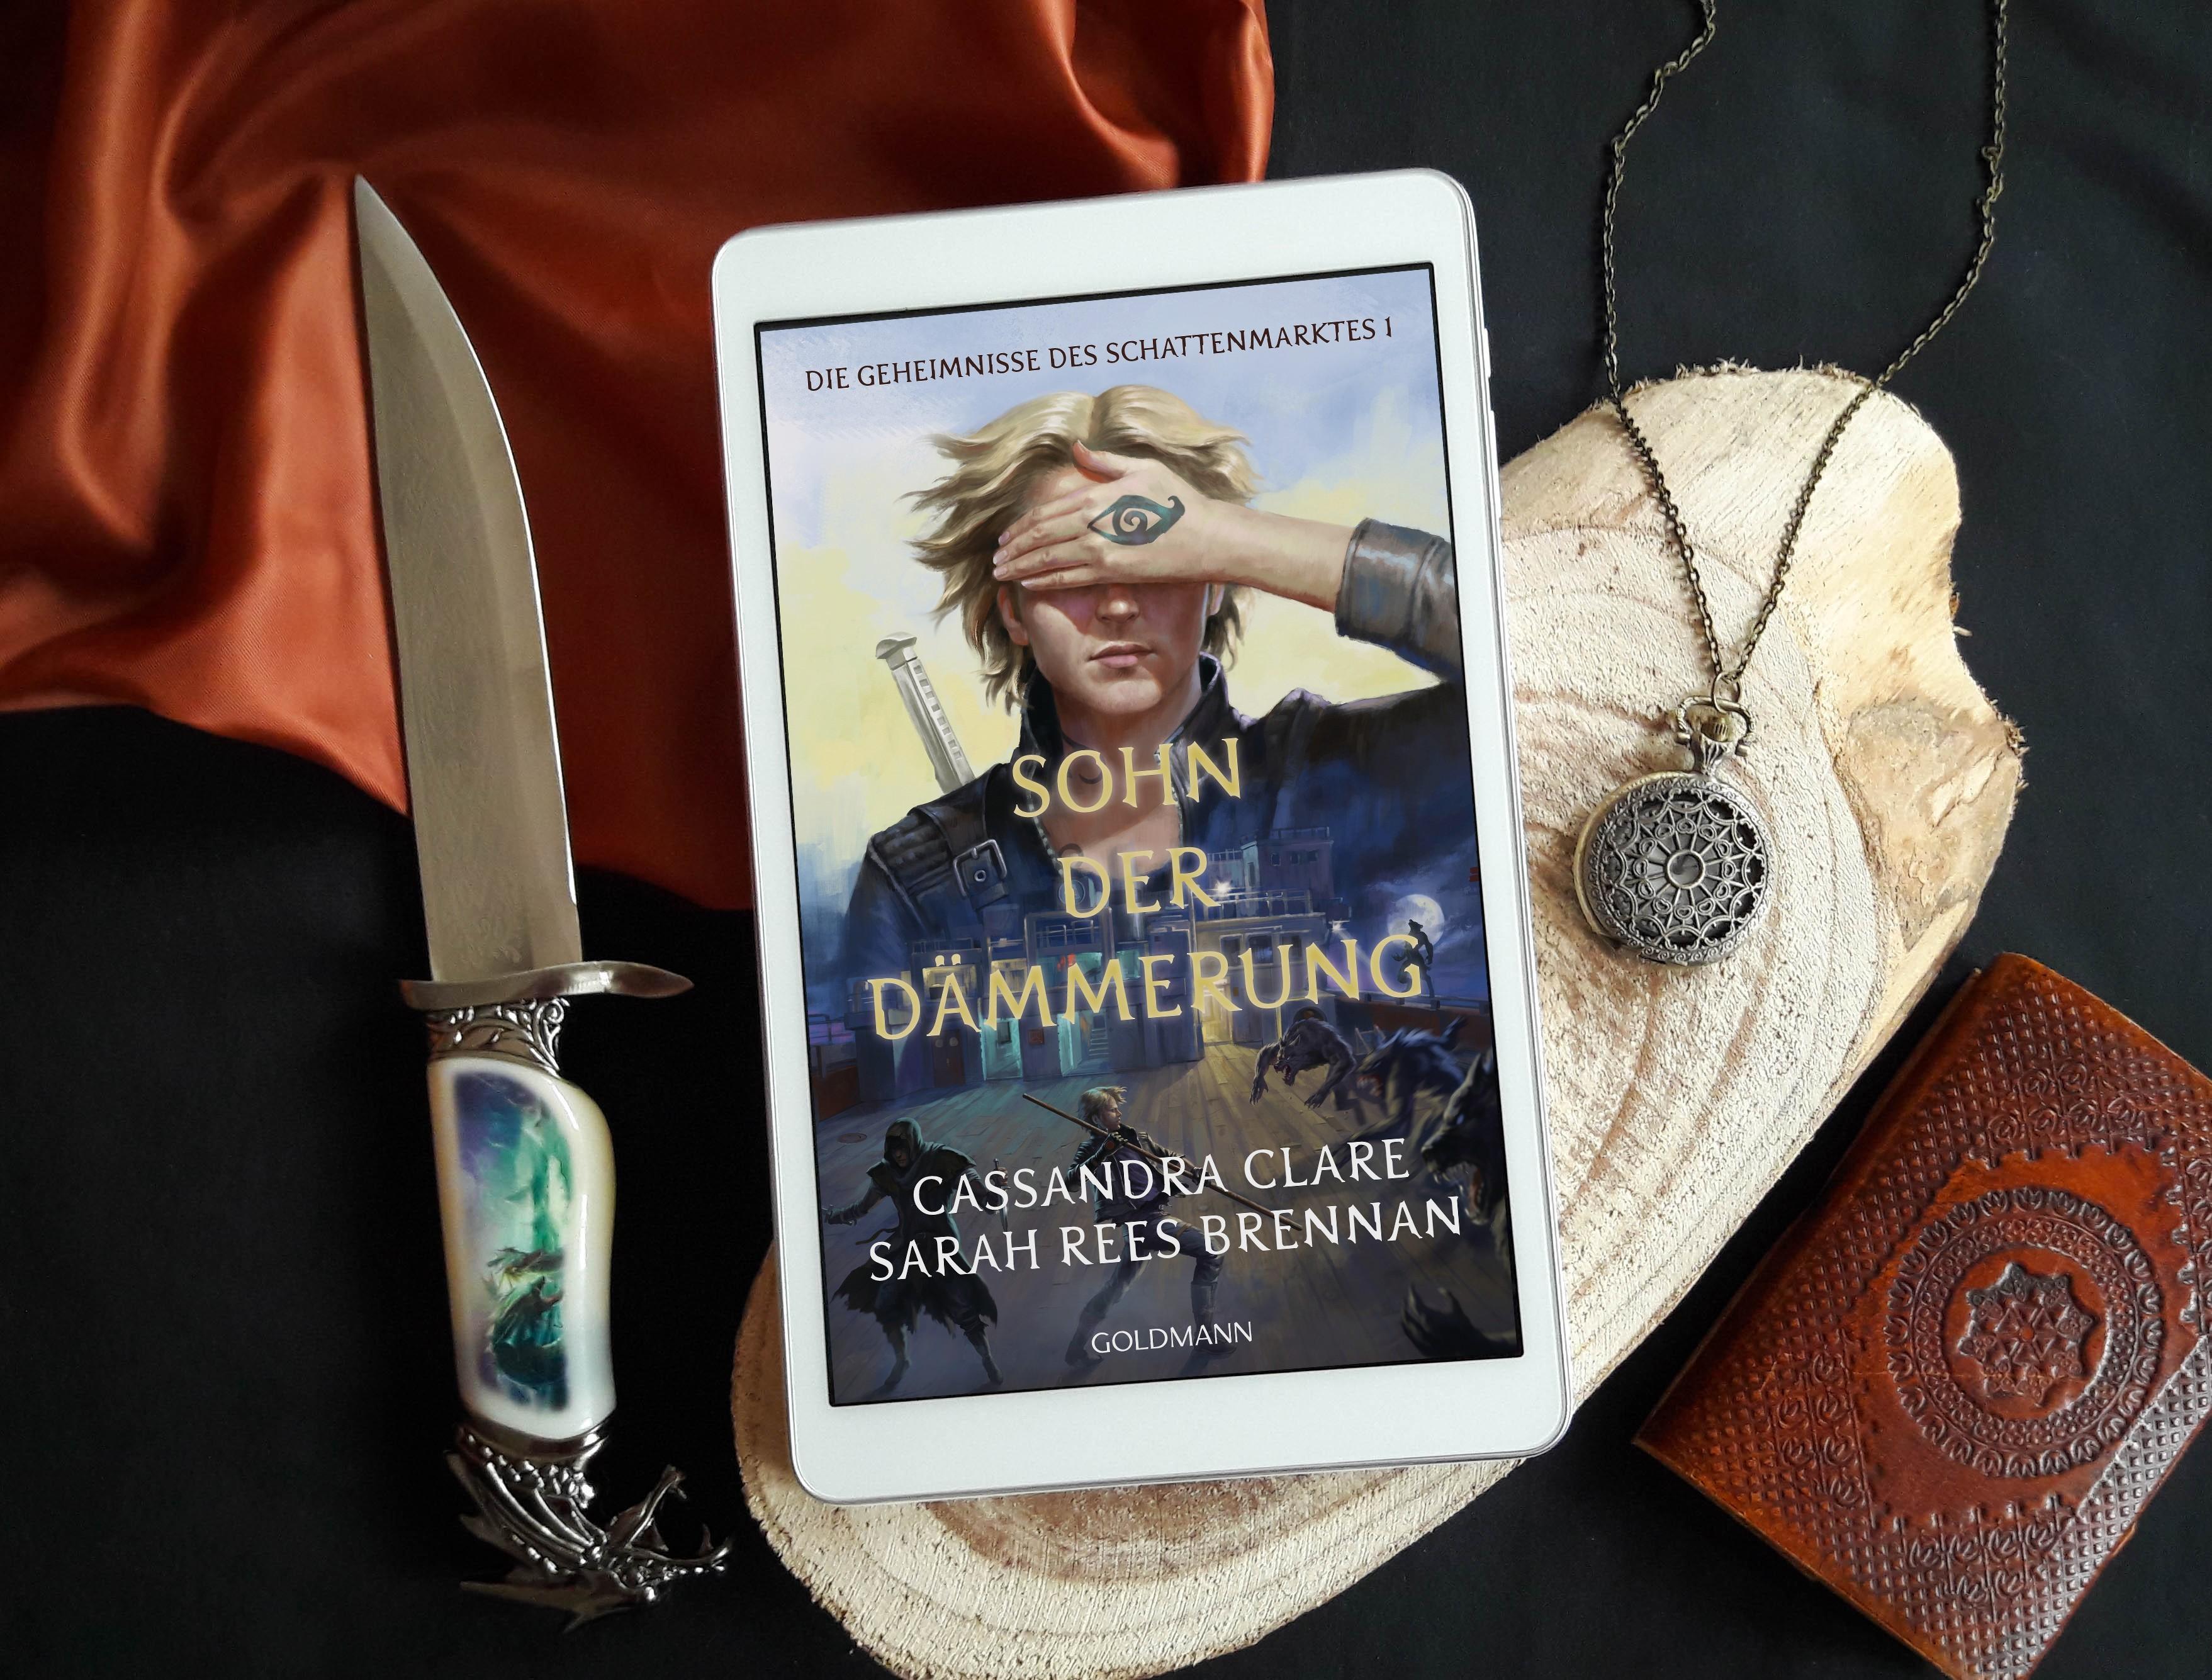 Sohn der Dämmerung: Die Geheimnisse des Schattenmarktes 1 – Cassandra Clare und Sarah Rees Brennan graphic